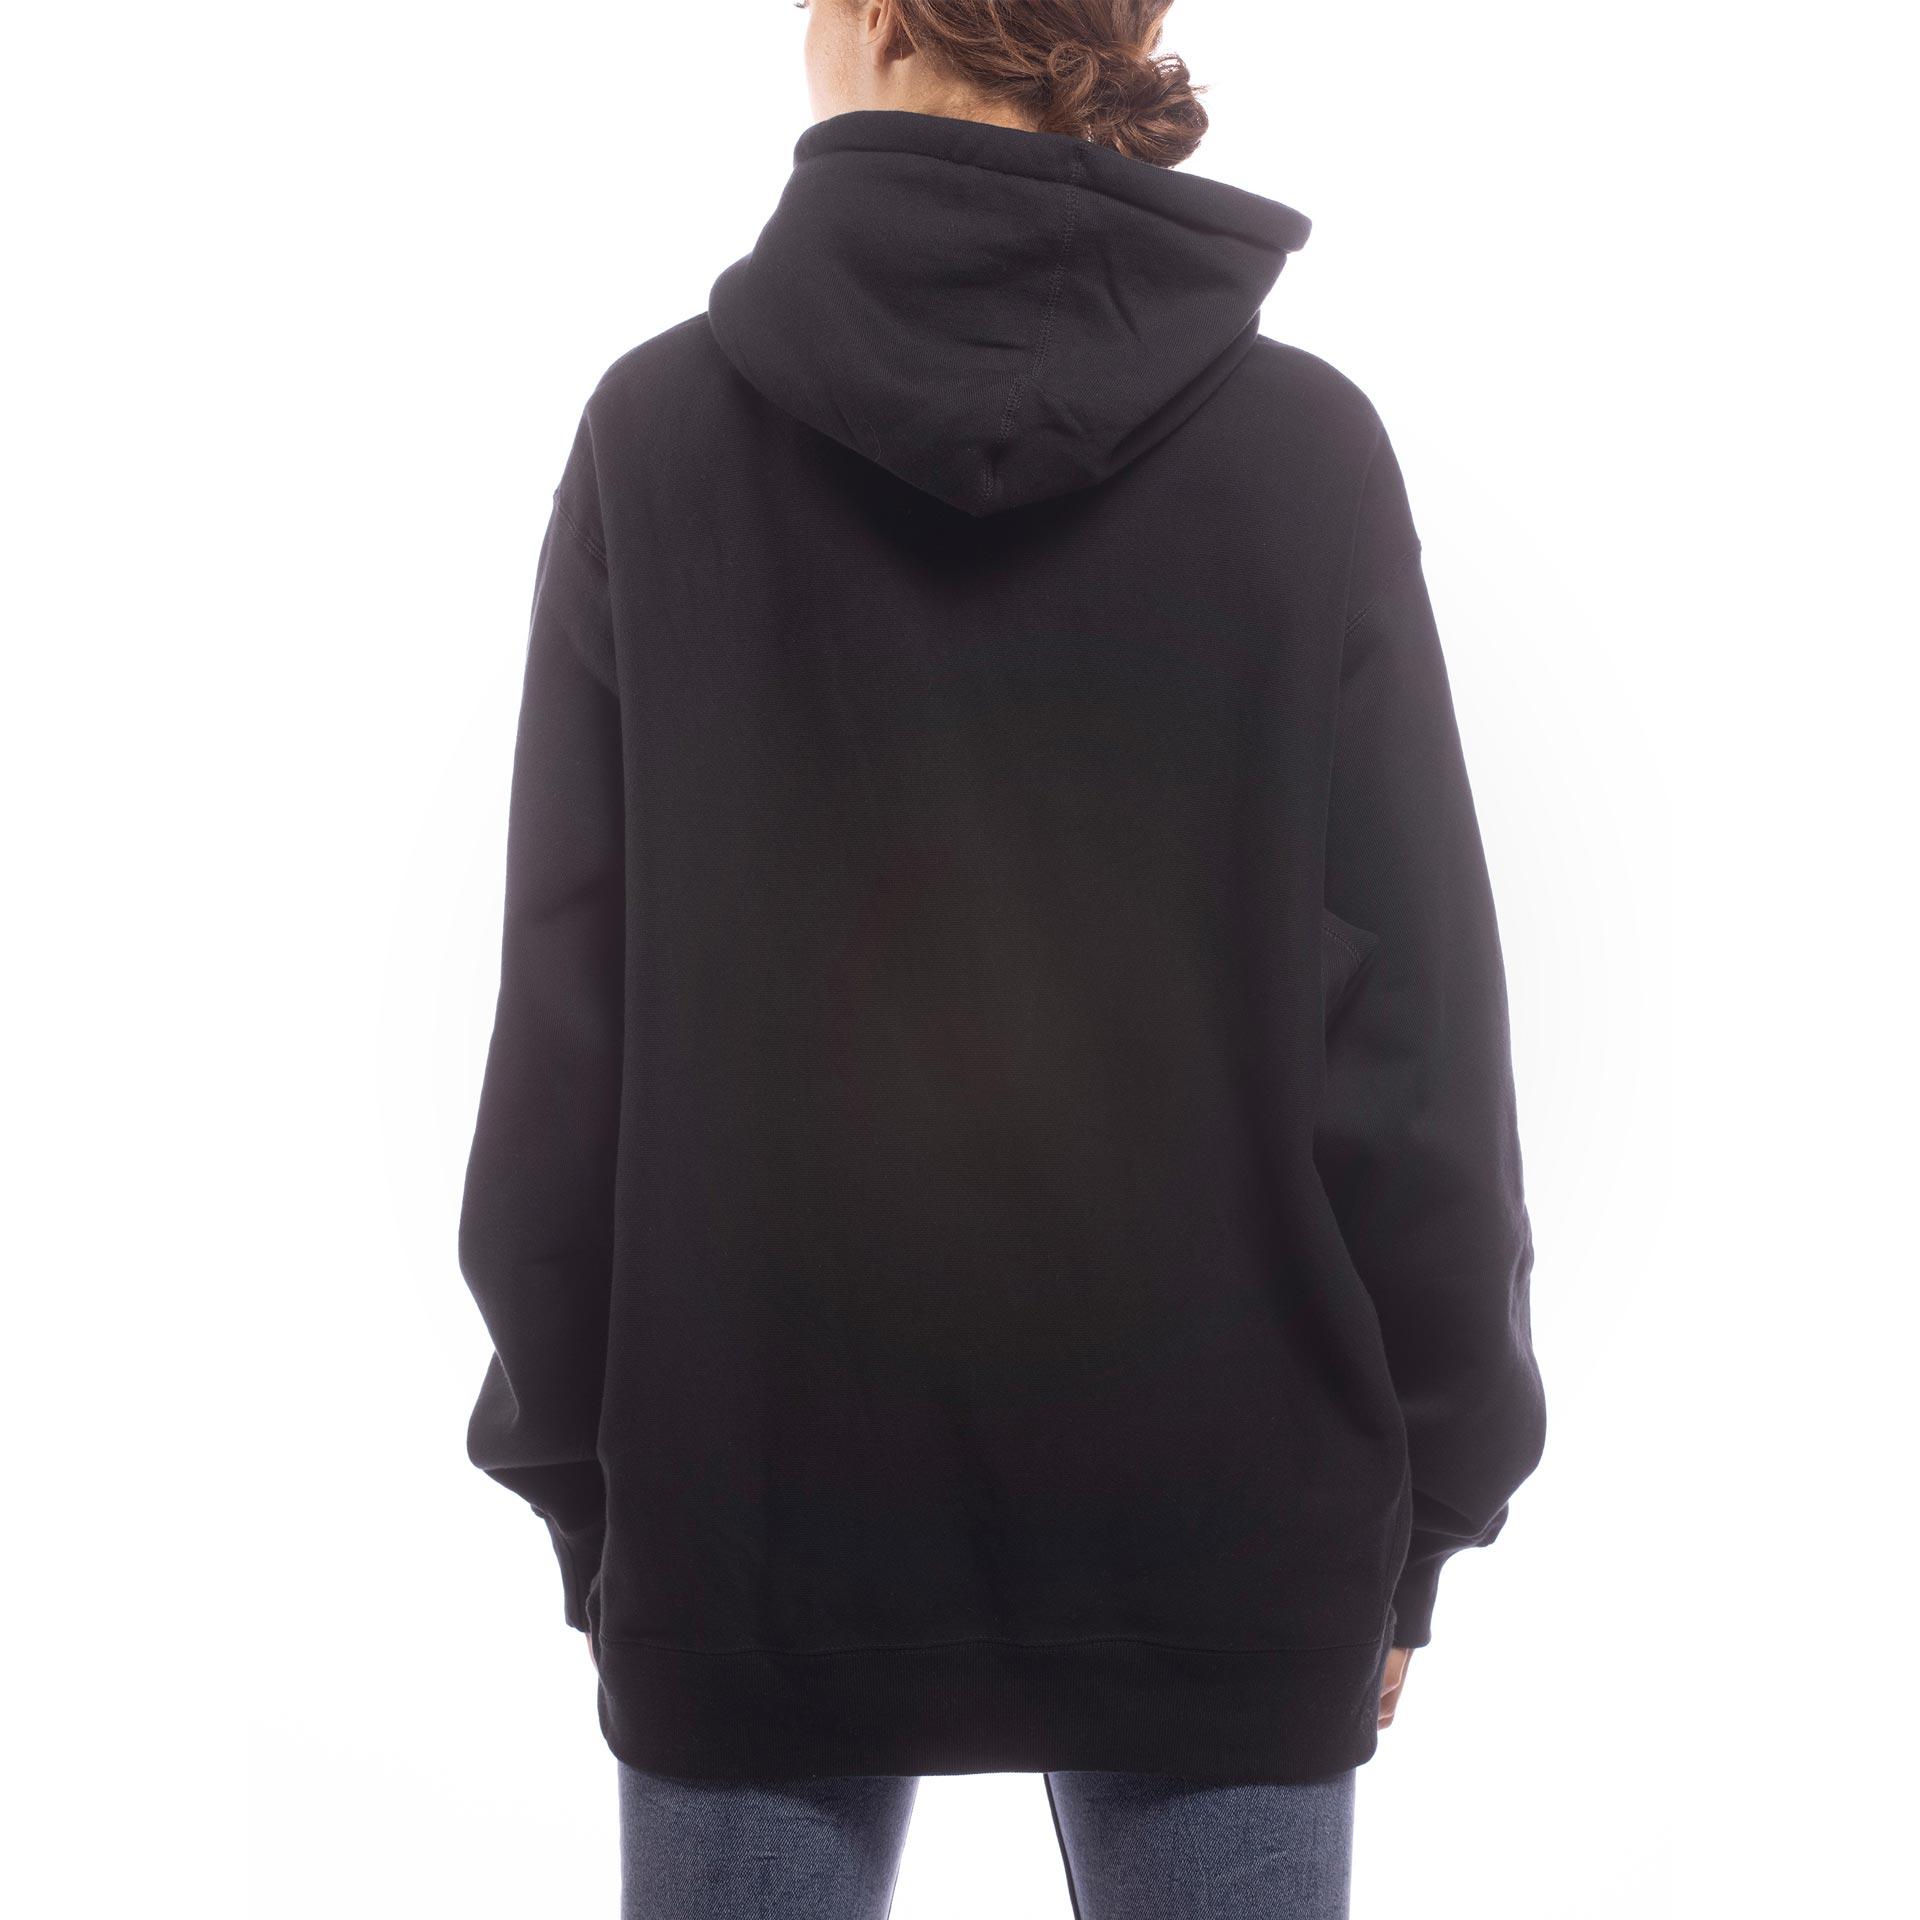 Premium Unisex Hoodie Black